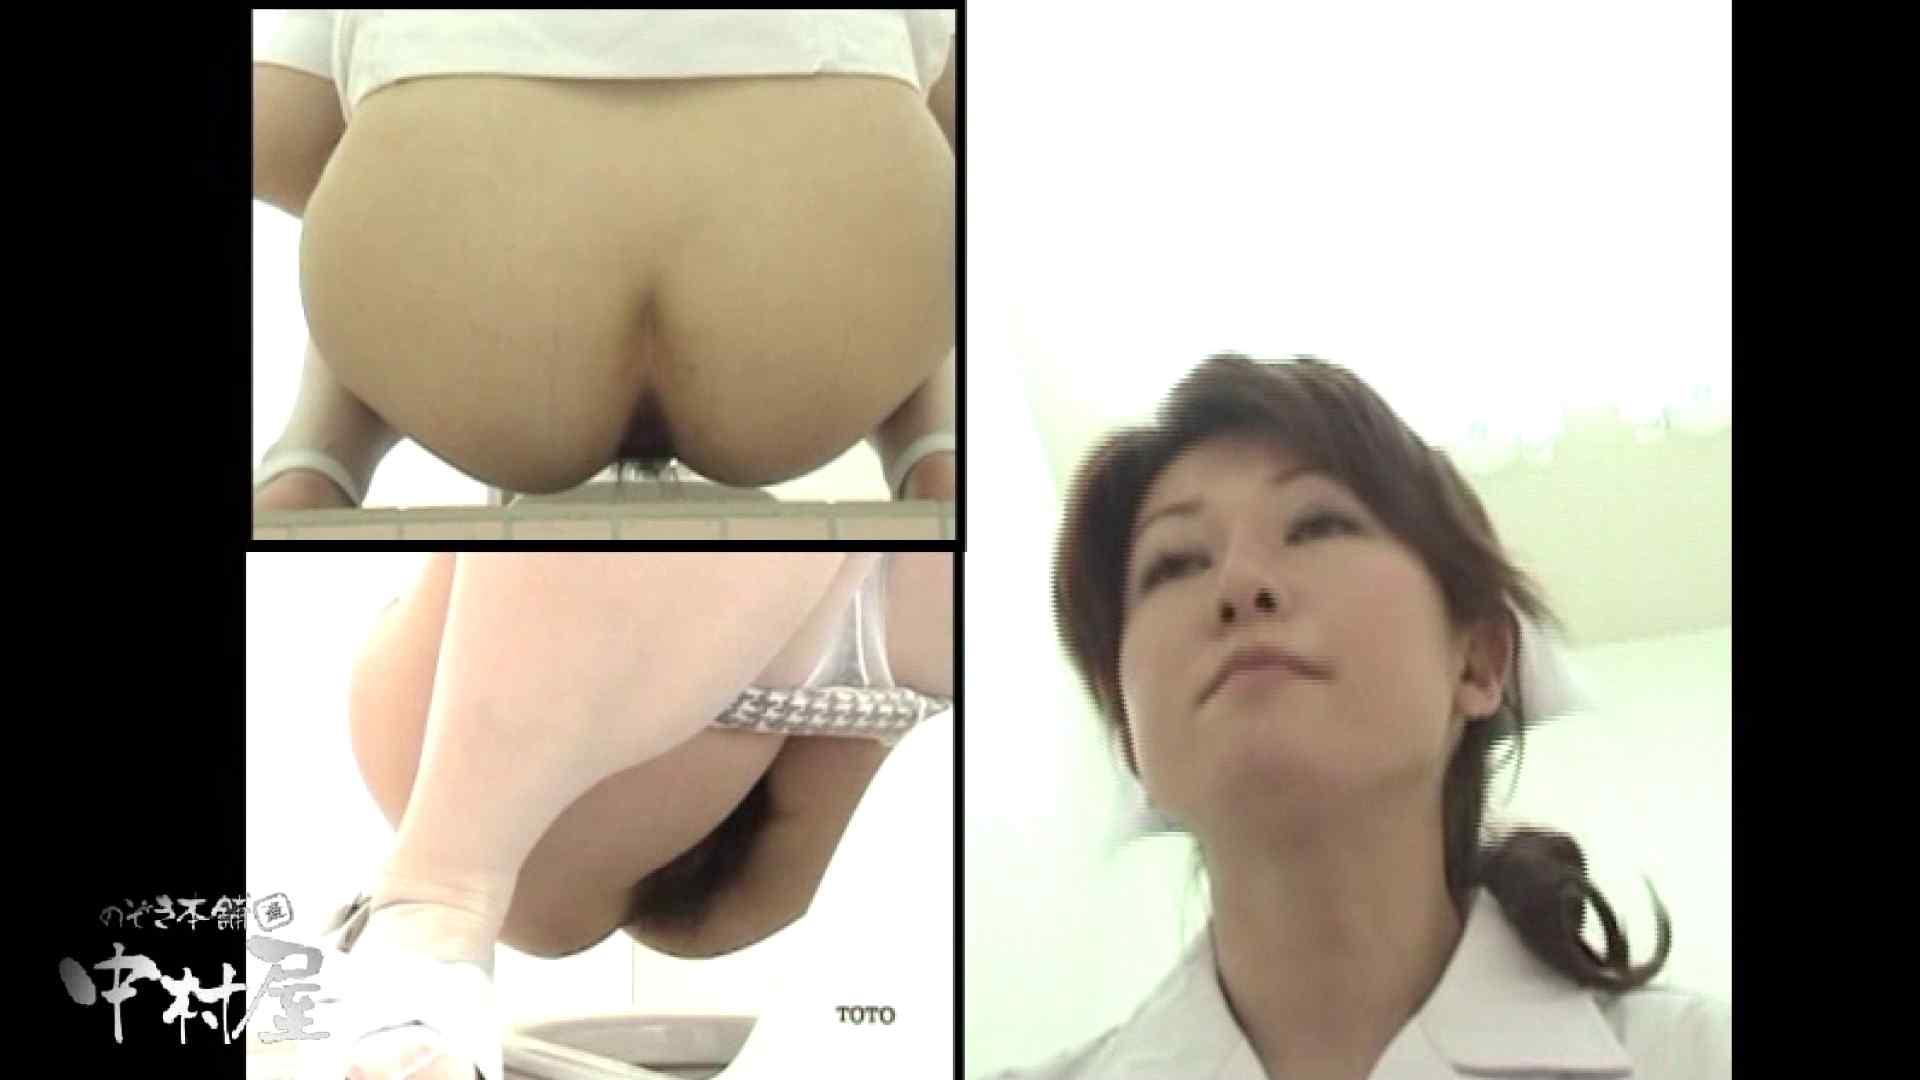 都内某大学病院編 和式イ更所盗撮 その② 3名 ギャルの放尿 すけべAV動画紹介 56連発 47